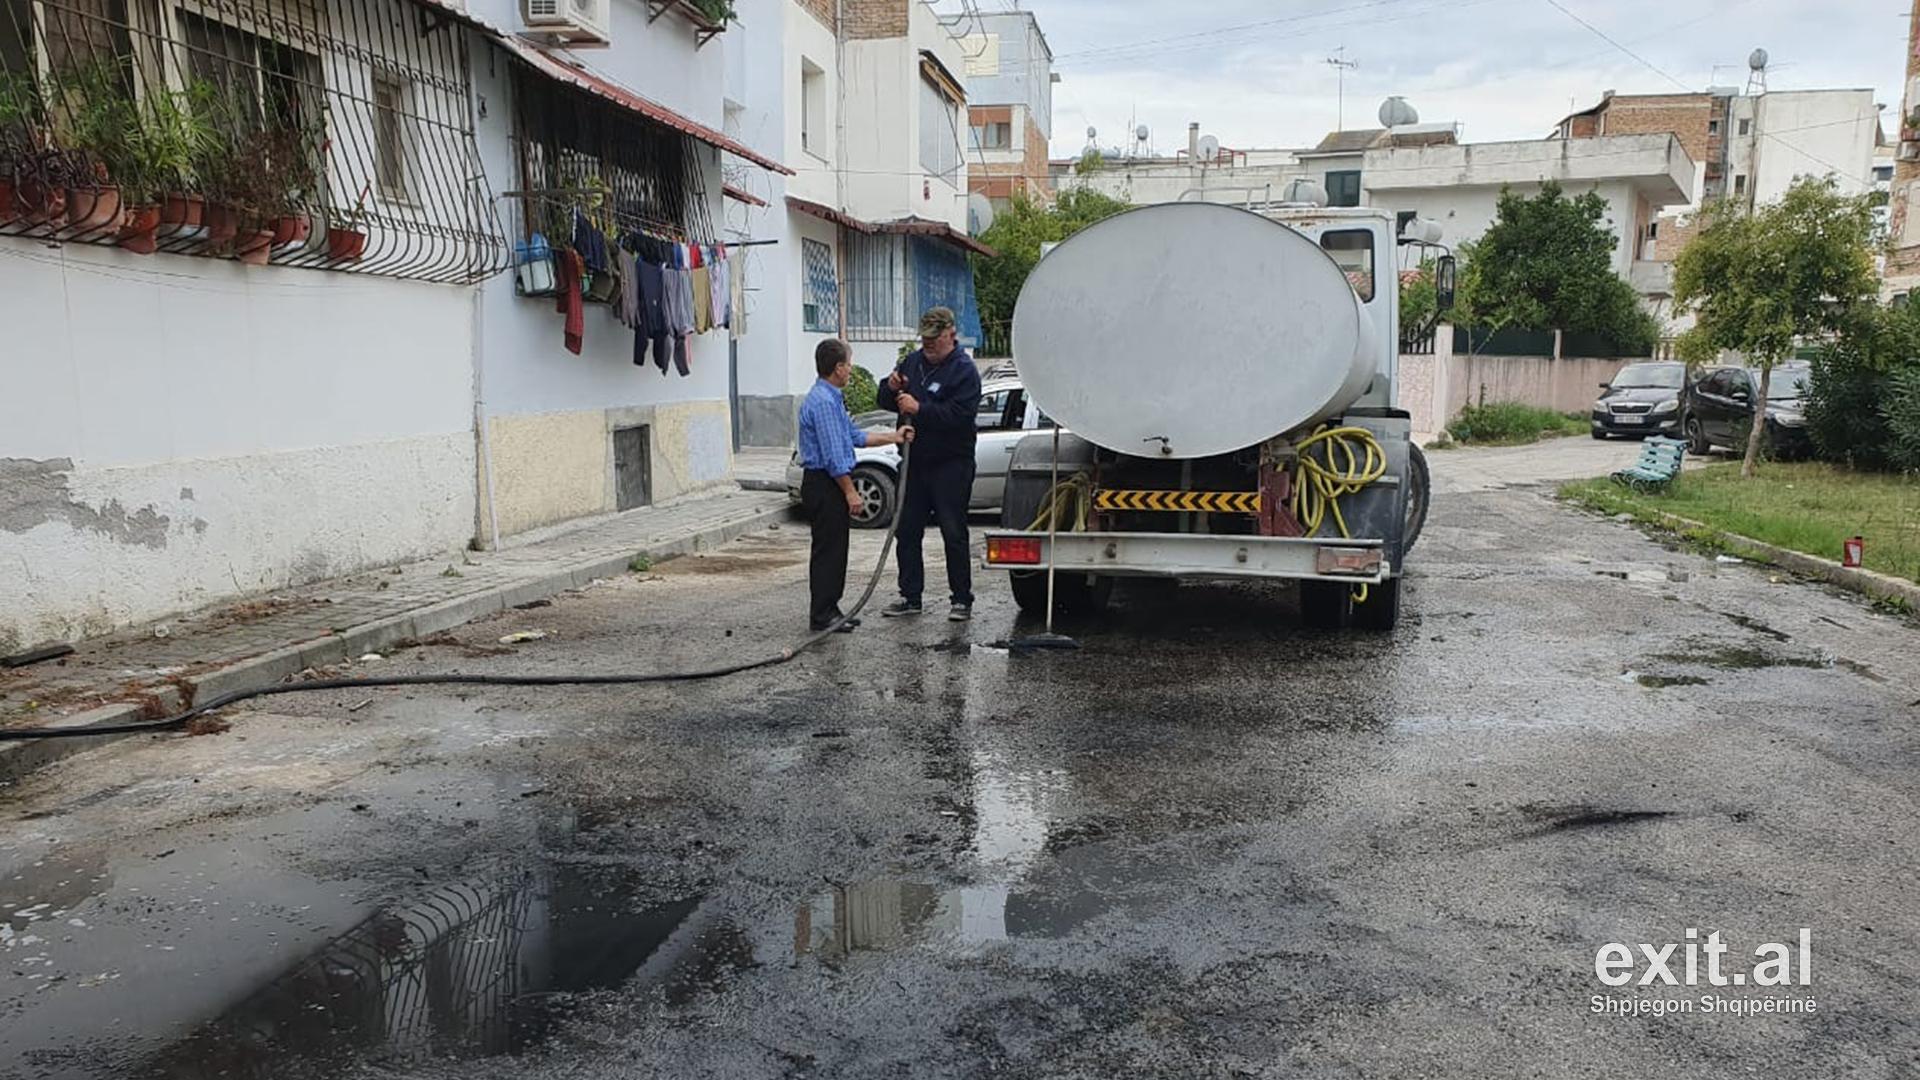 Makinës së kryebashkiakut të Vlorës iu vu zjarri, kamerat e sigurisë fiksuan zjarrvënësin